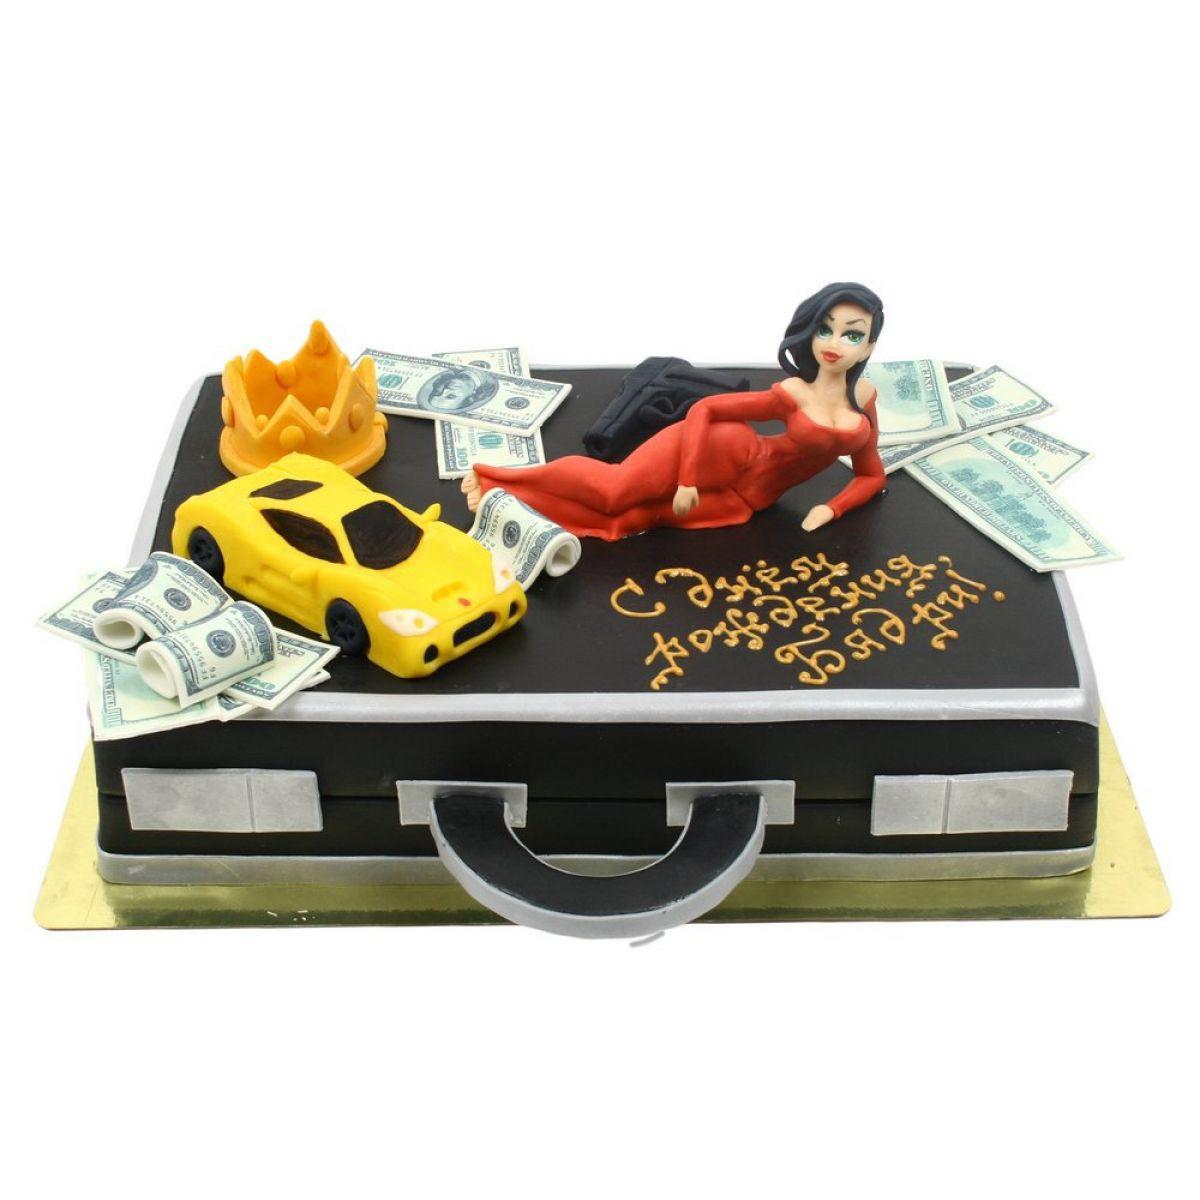 №884 Торт деньги